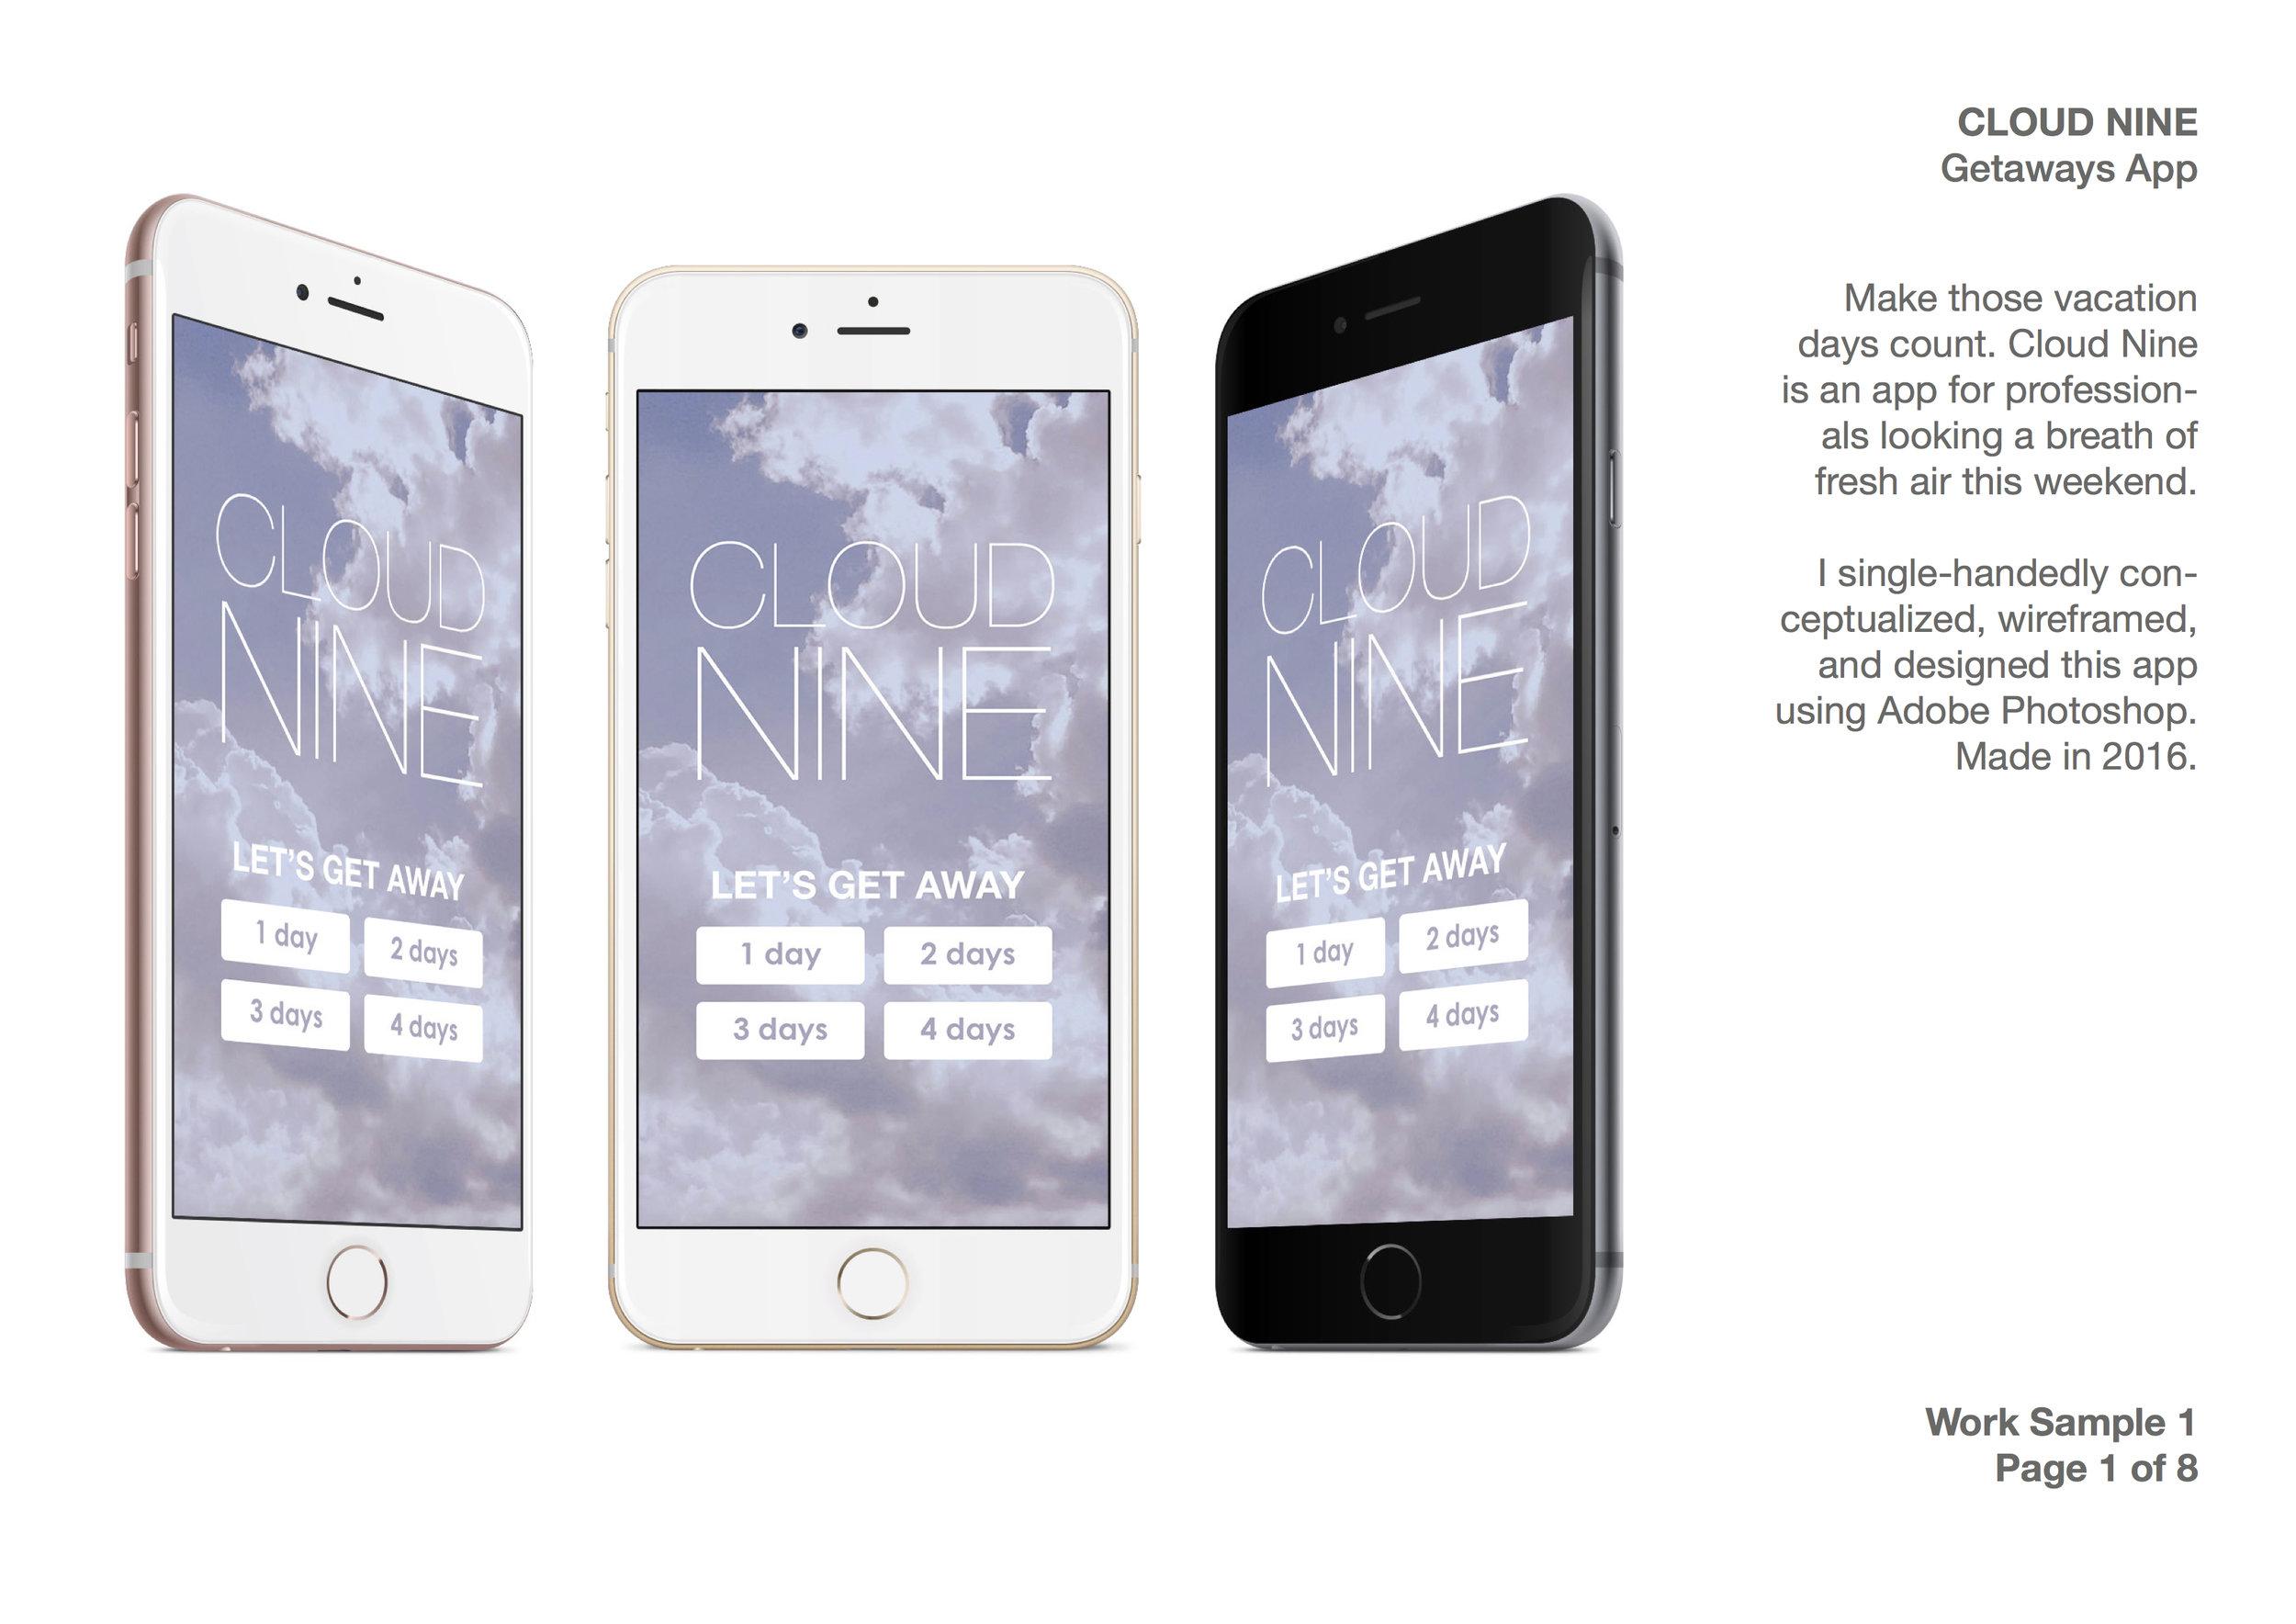 CloudNine-1.jpg